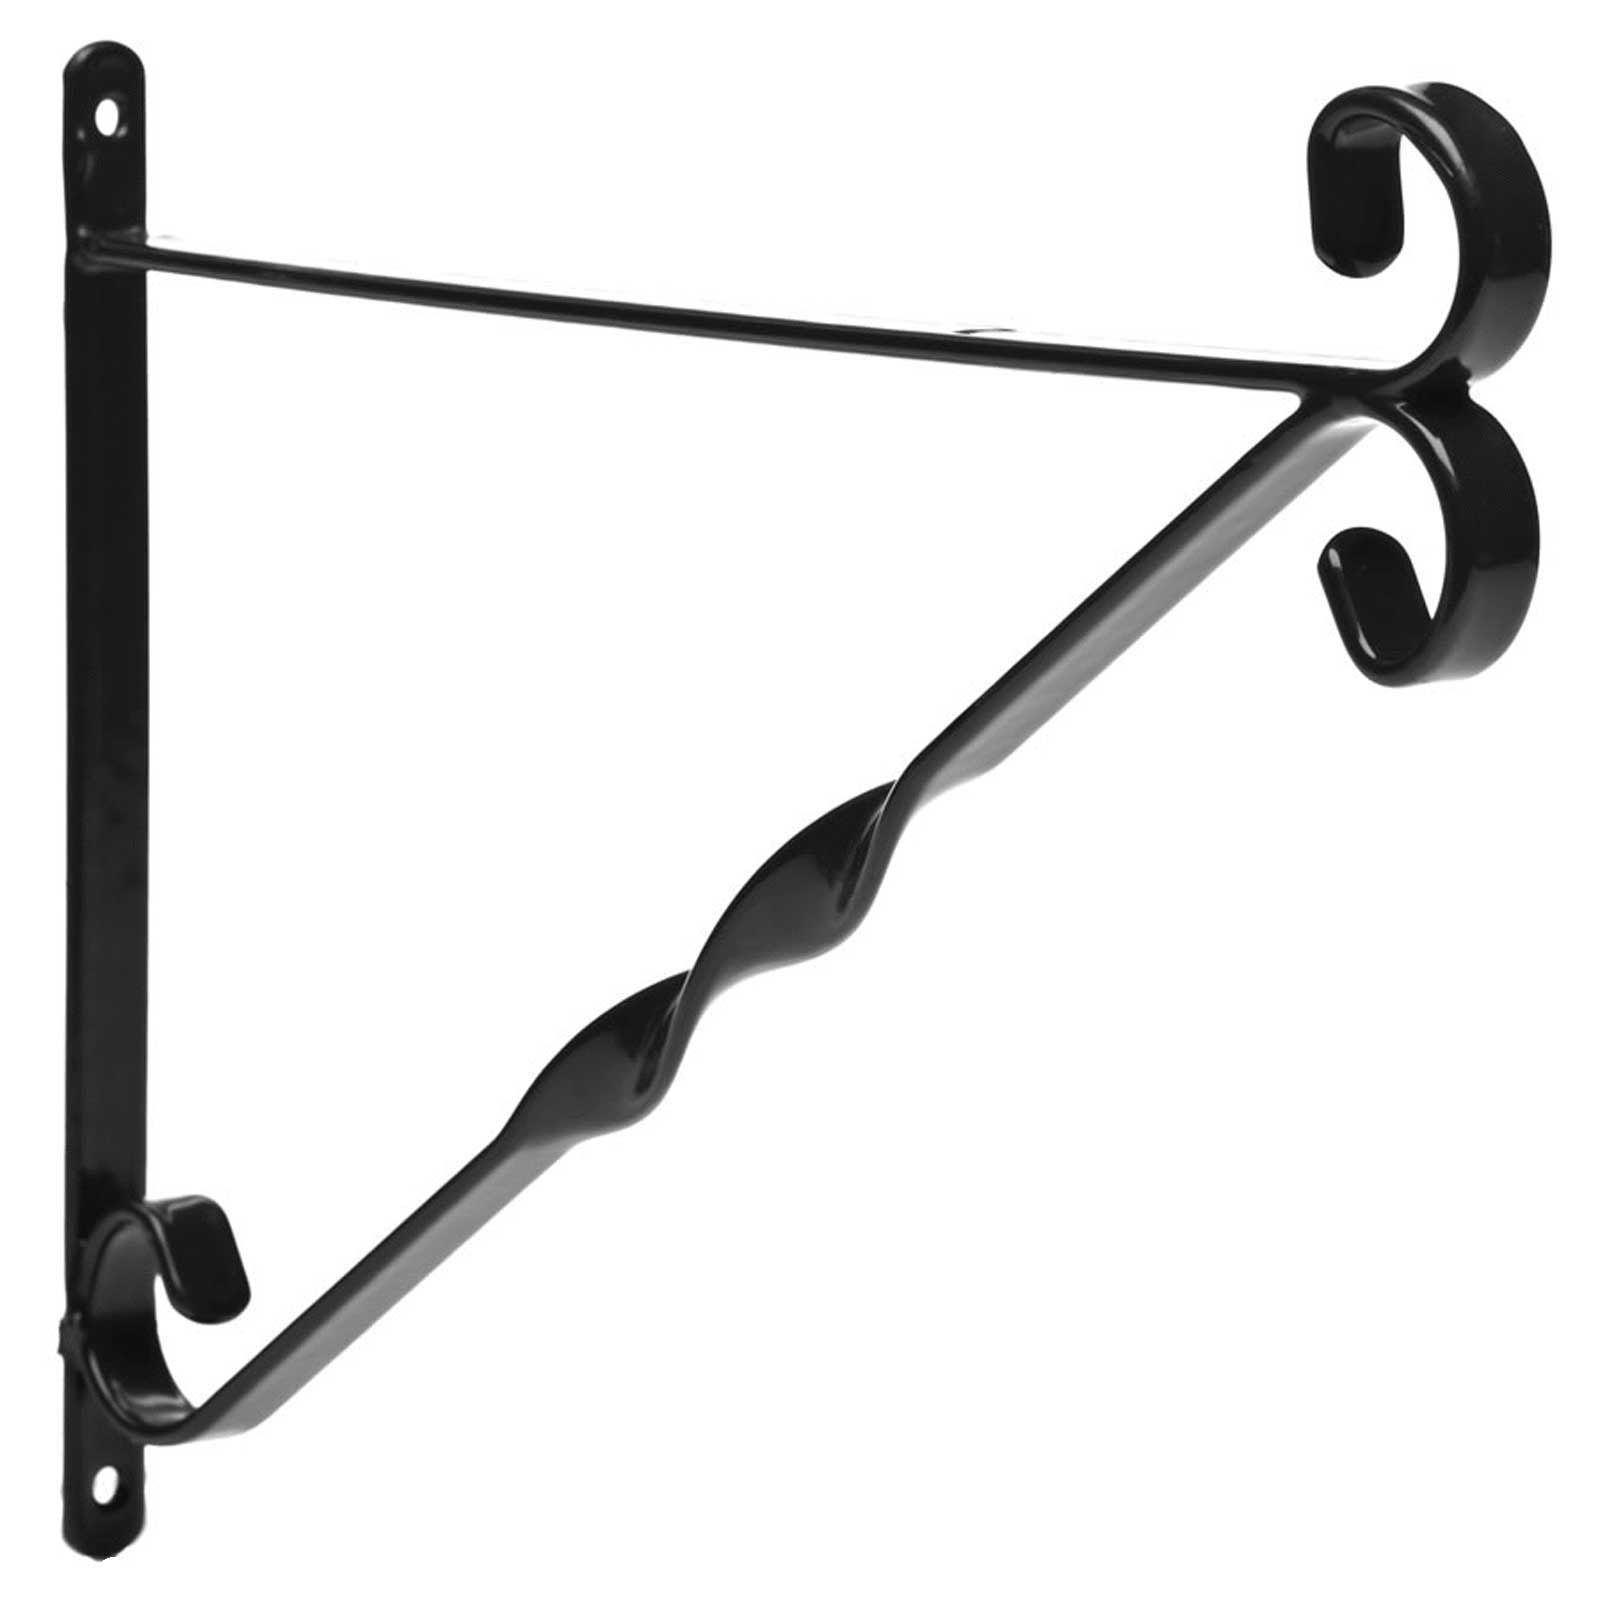 Flower Basket Hanging Brackets : Flower hanging basket bracket black weather proof plastic